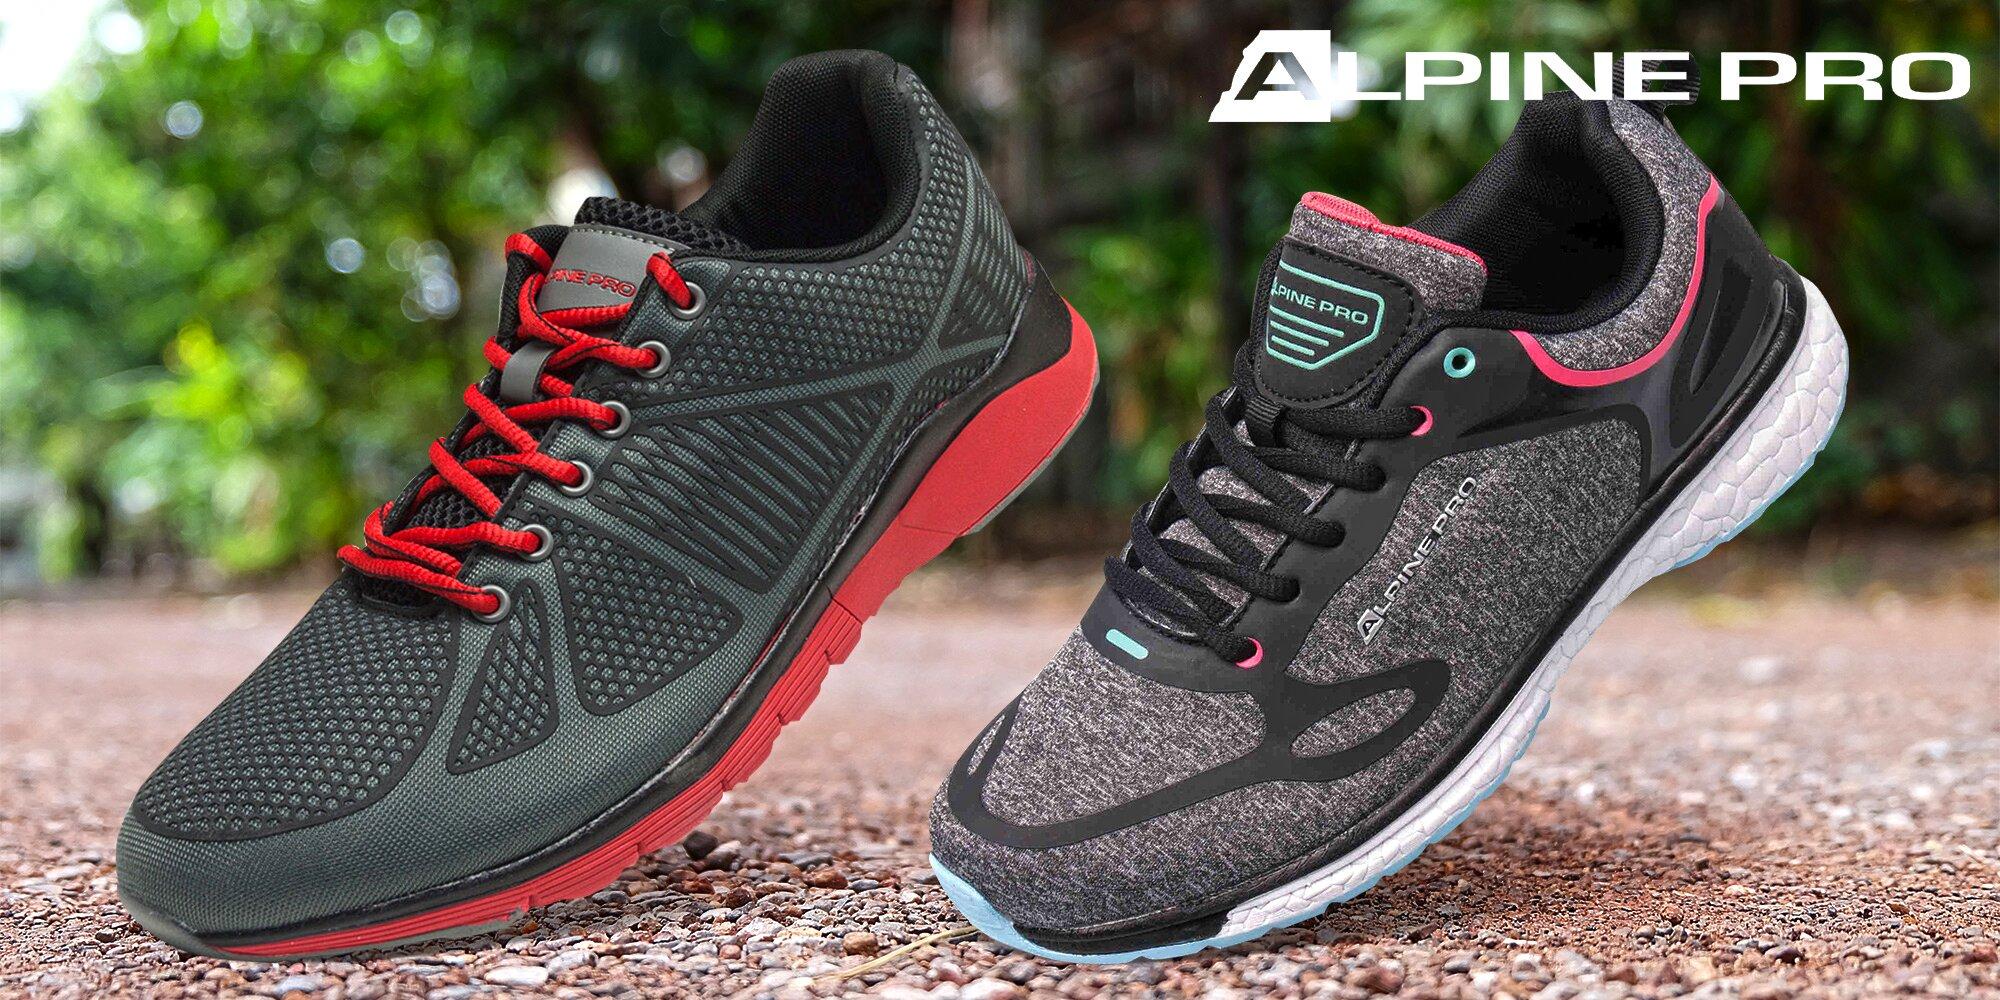 Pánská i dámská obuv Alpine Pro na sport i trek  c979f2aa40